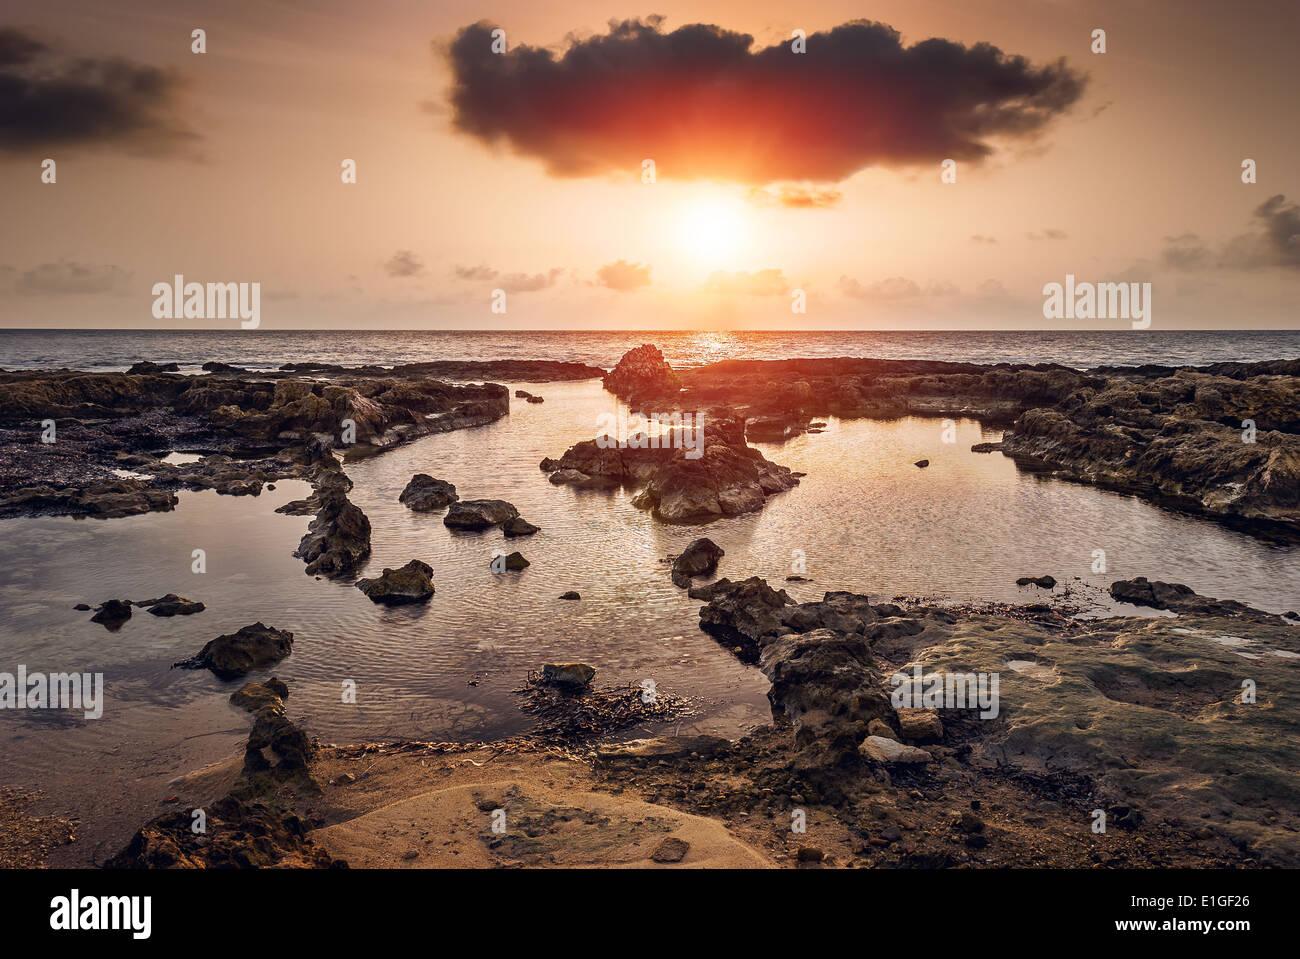 Tramonto sul mare e la costa rocciosa di Mahdia, Tunisia Immagini Stock